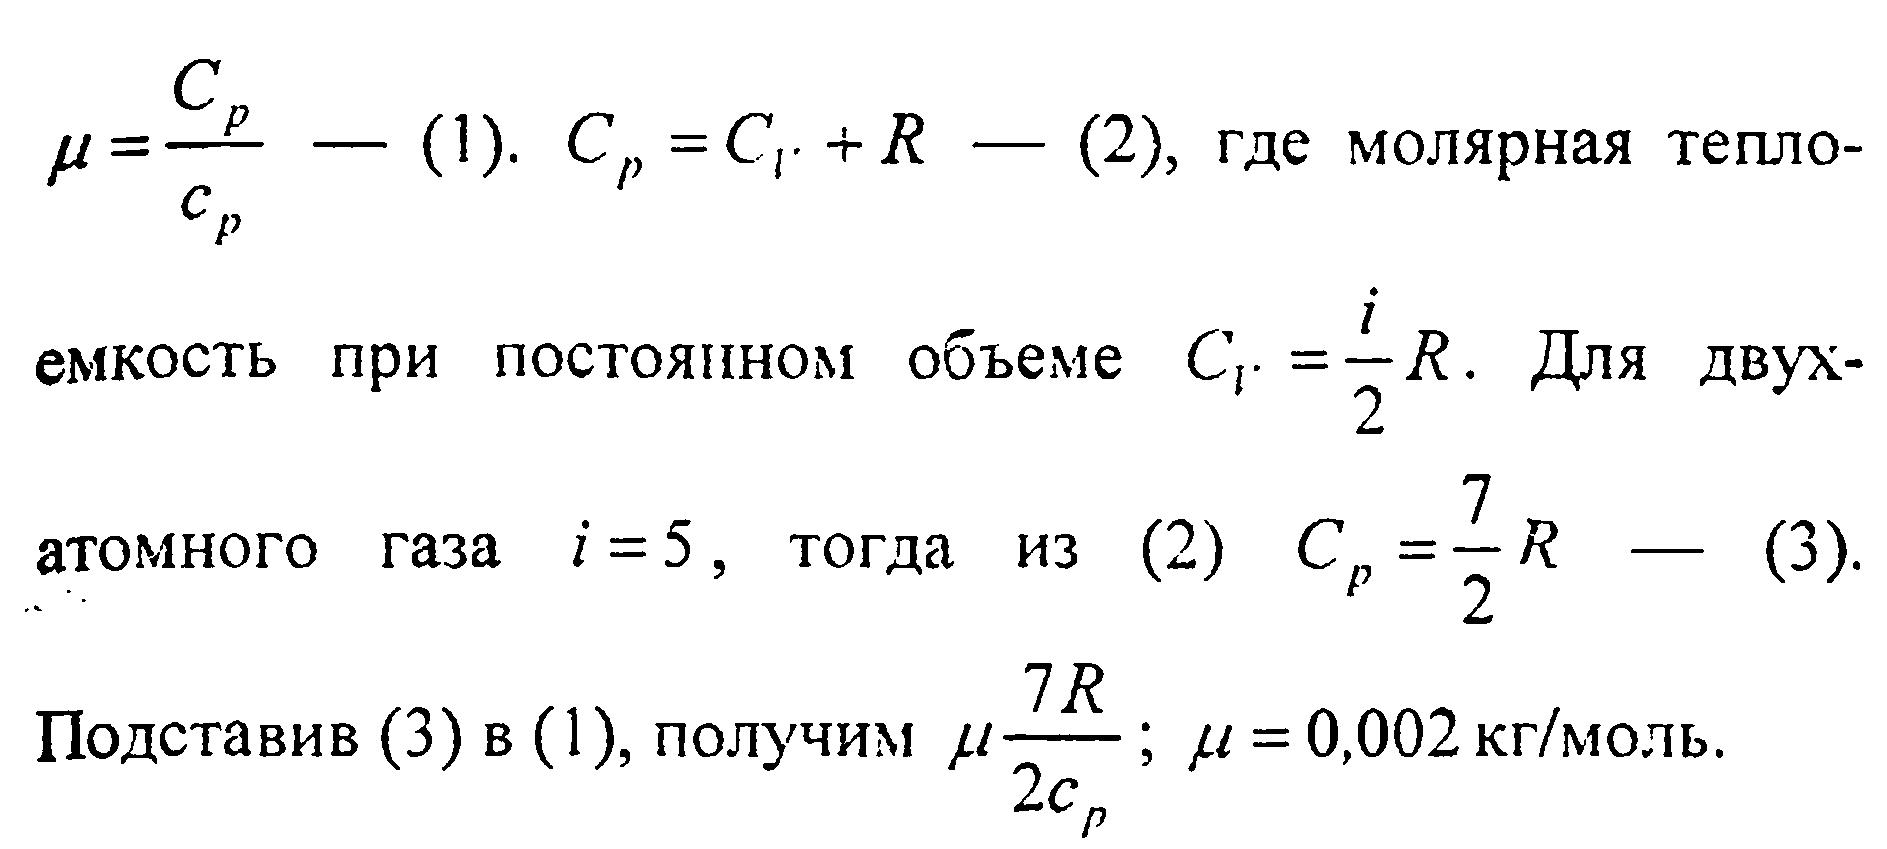 Как считать удельную теплоемкость газа 196